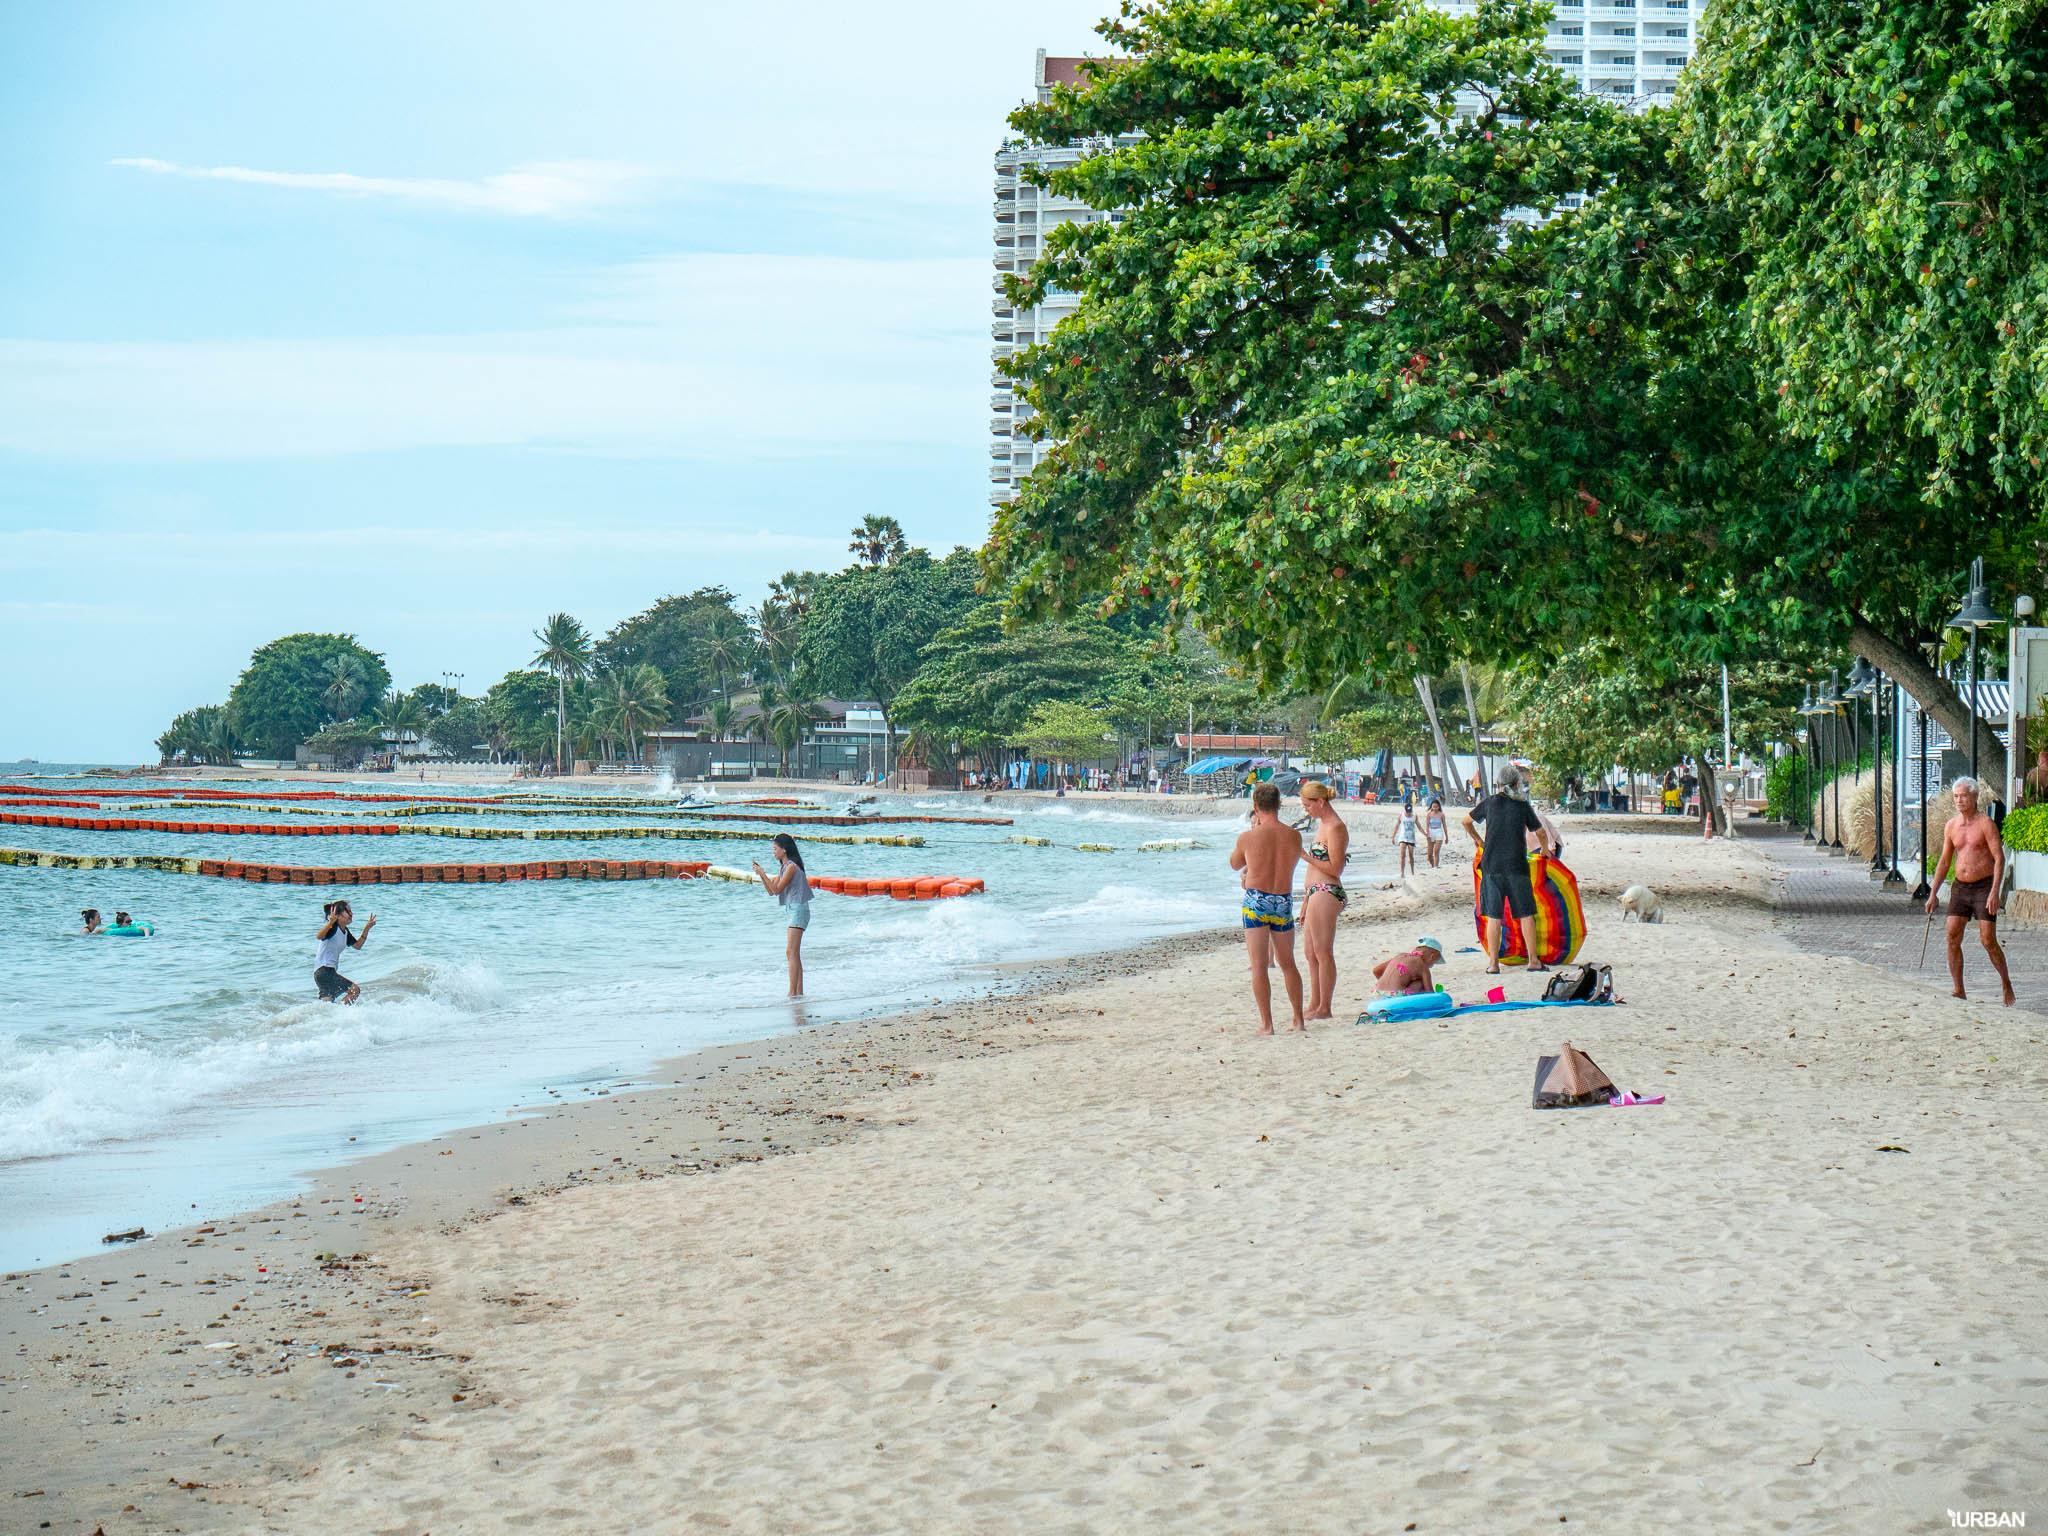 7 ชายหาดทะเลพัทยา ที่ยังสวยสะอาดน่าเที่ยวใกล้กรุงเทพ ไม่ต้องหนีร้อนไปไกล ก็พักได้ ชิลๆ 177 - Beach